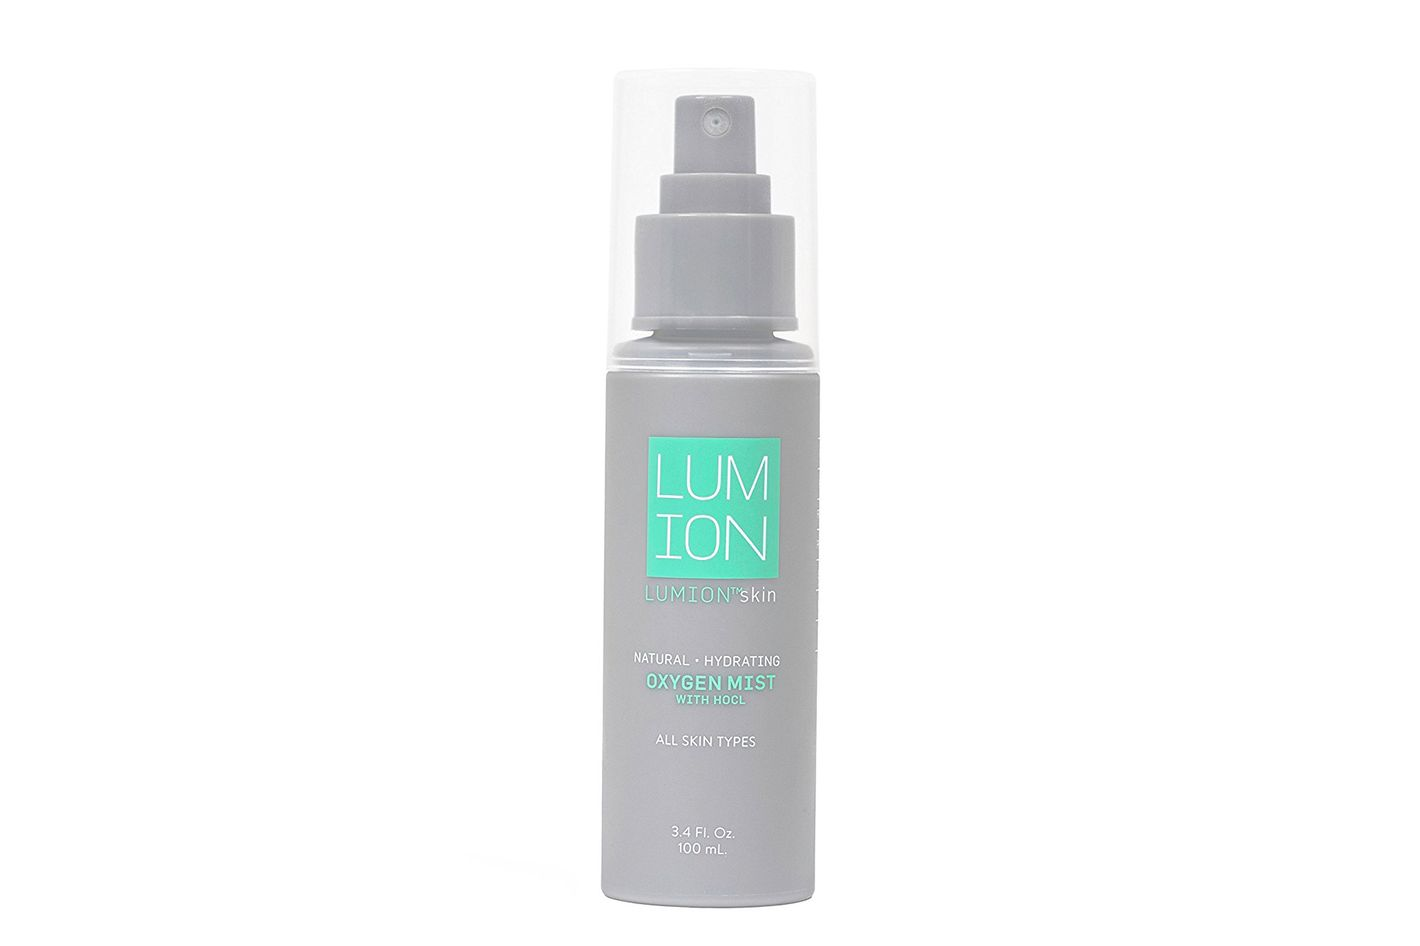 Lumion Oxygen Mist